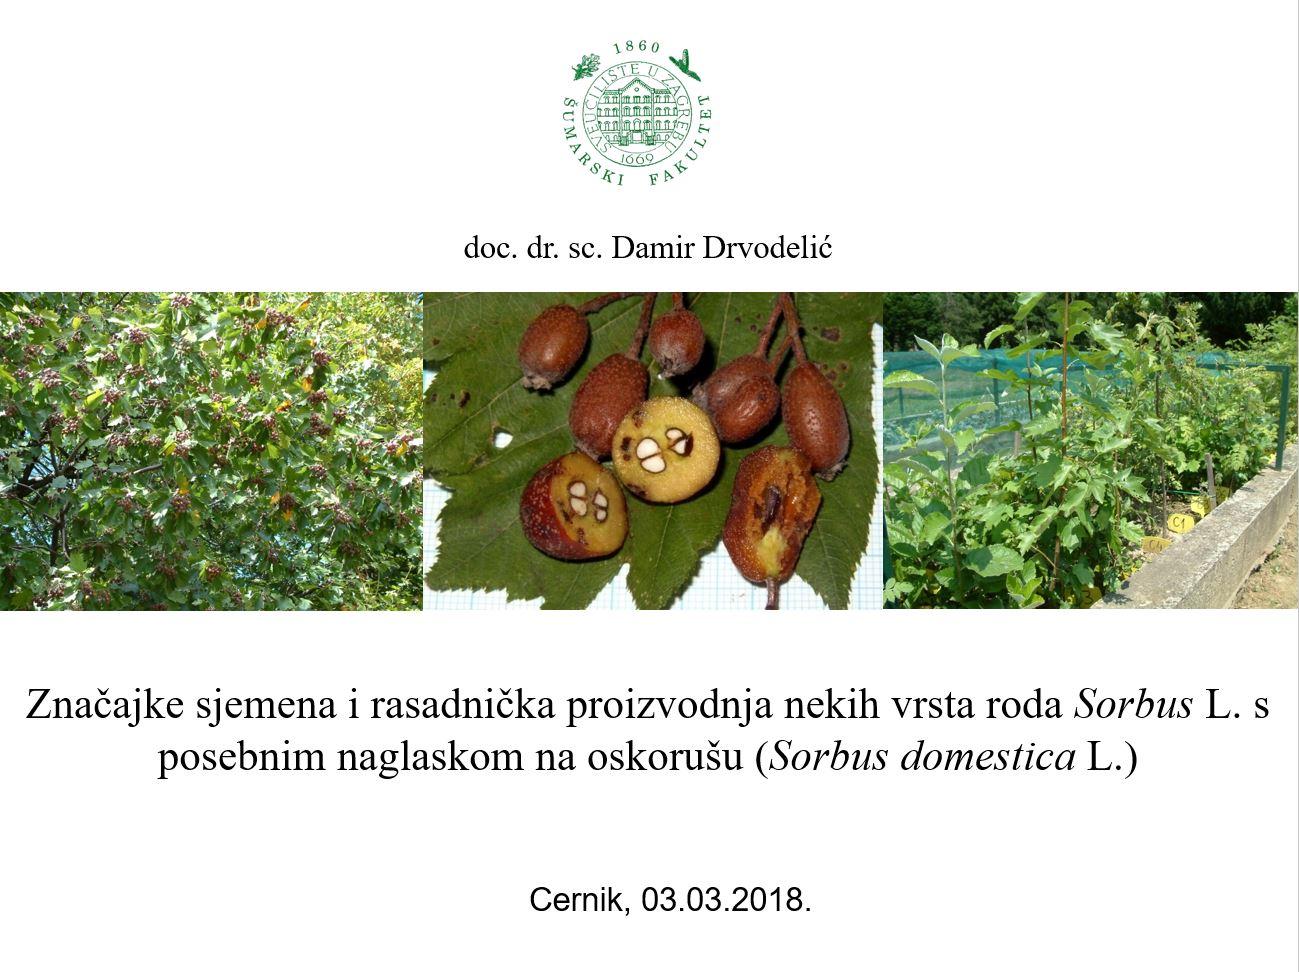 Značajke sjemena i rasadnička proizvodnja nekih vrsta roda Sorbus L. s posebnim naglaskom na oskorušu (Sorbus domestica L.)